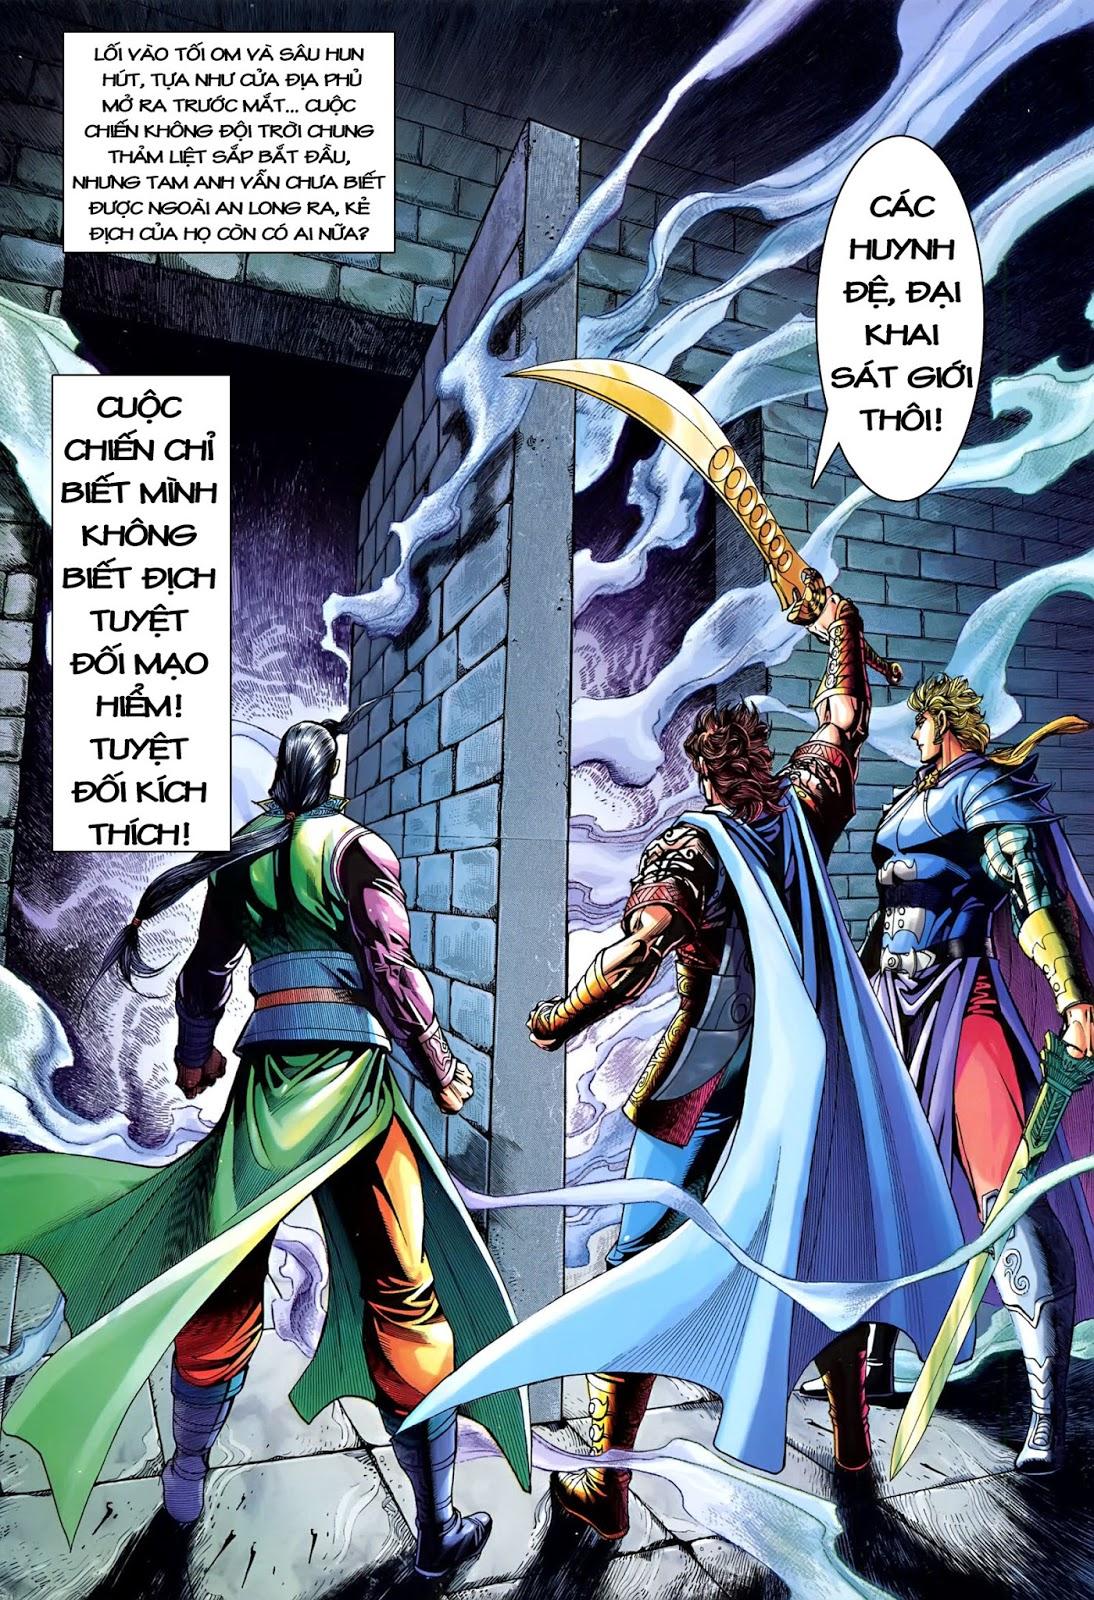 Đại Đường Song Long Truyện chap 216 - Trang 34